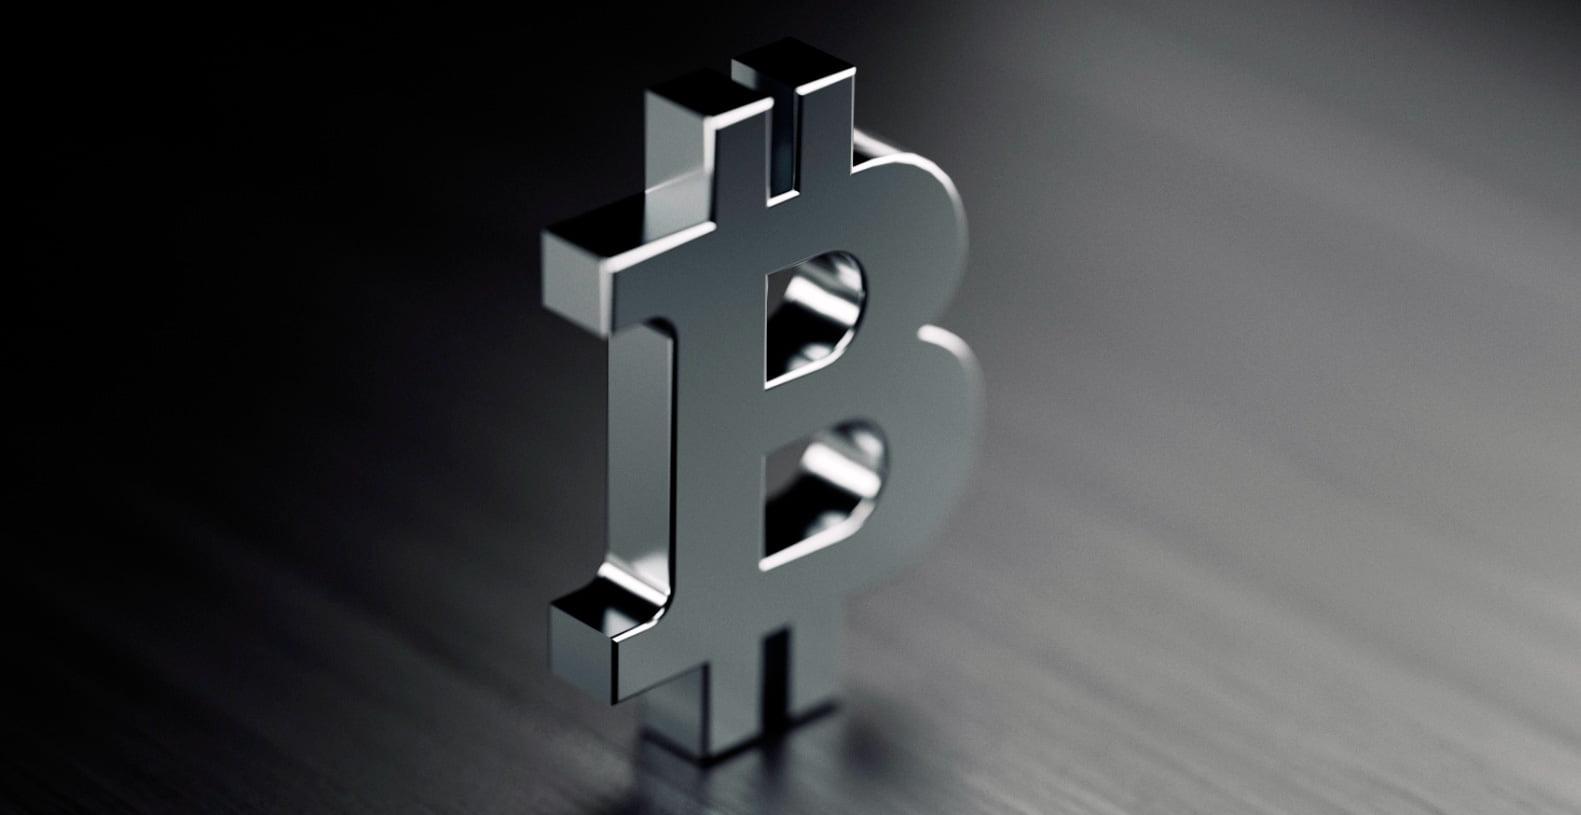 Отток средств из инвестиционных BTC-продуктов продолжается 3 неделю подряд